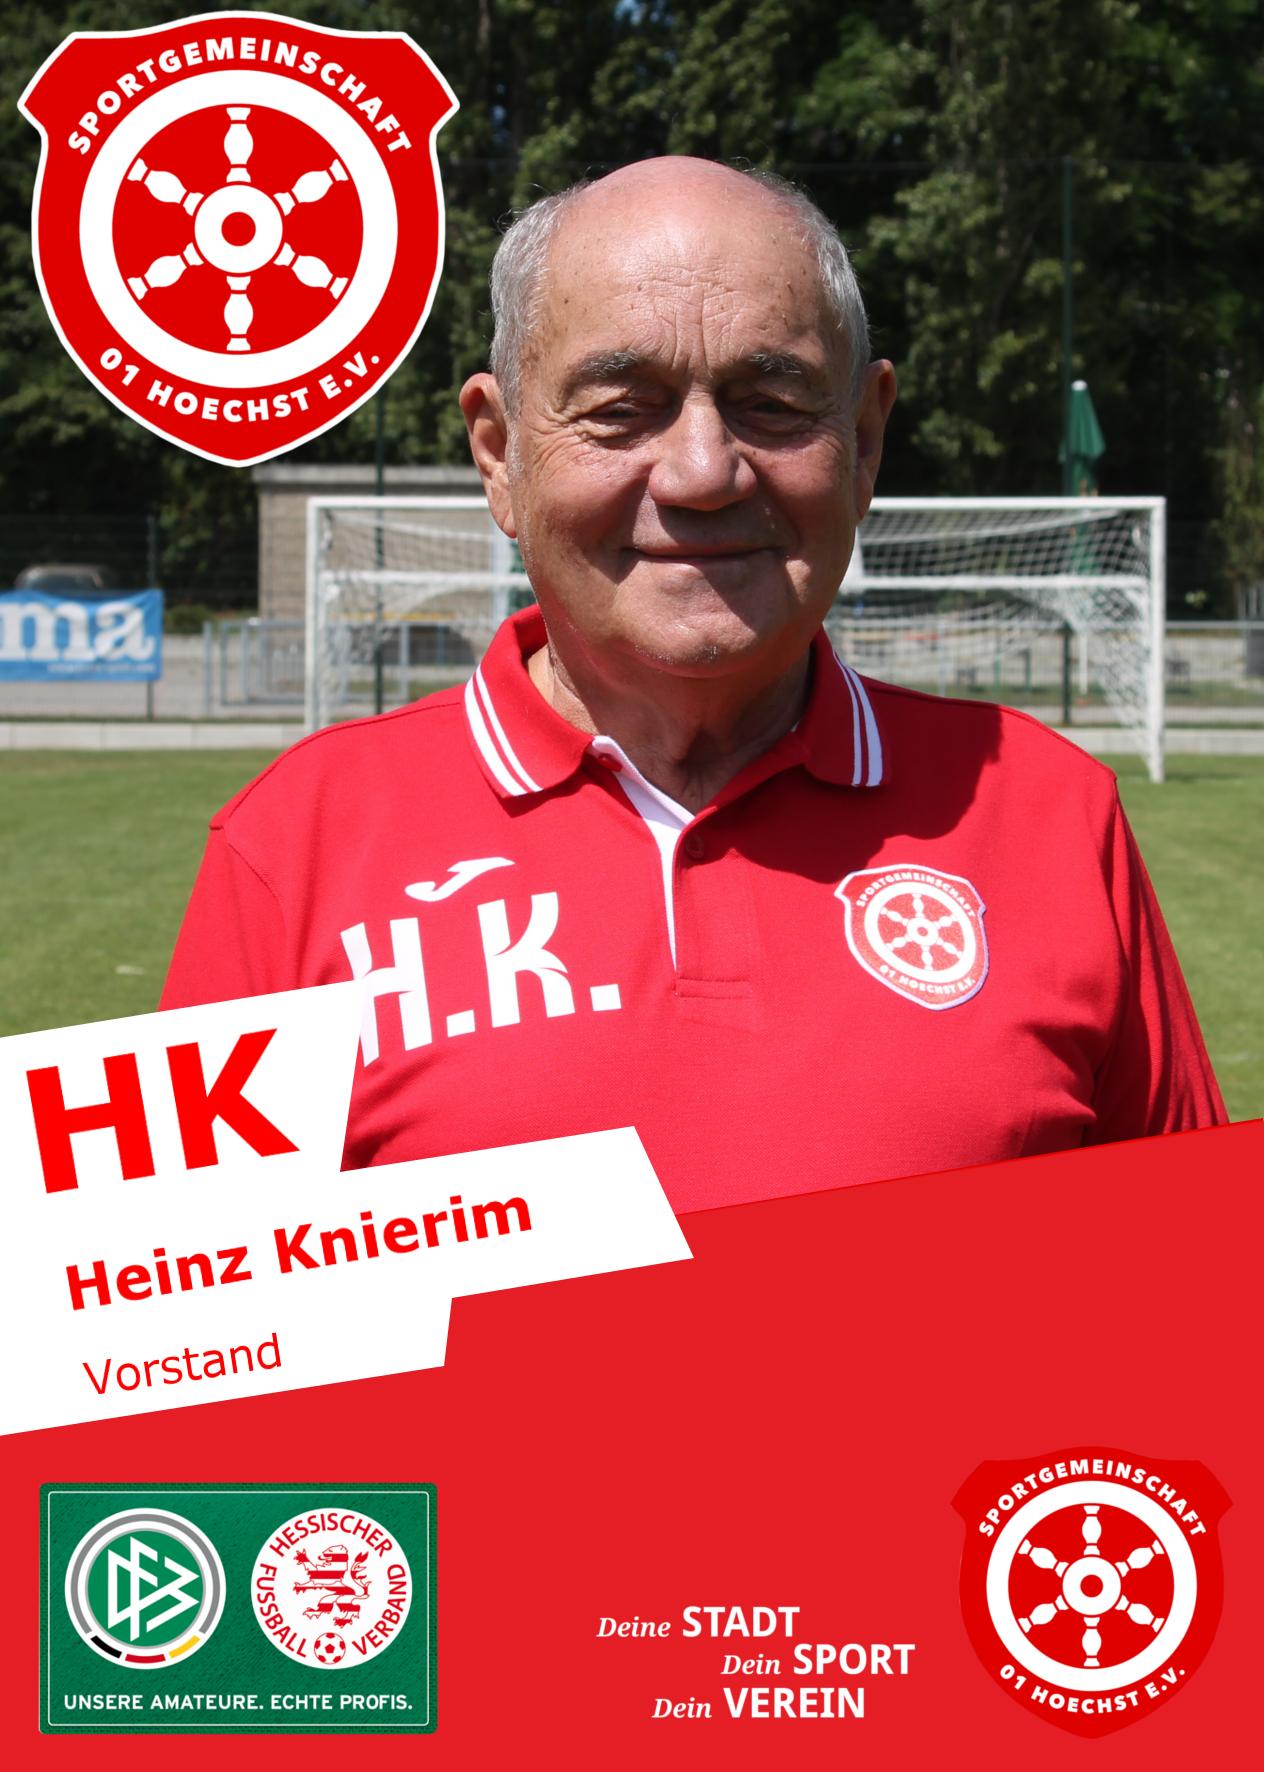 Heinz Knierim